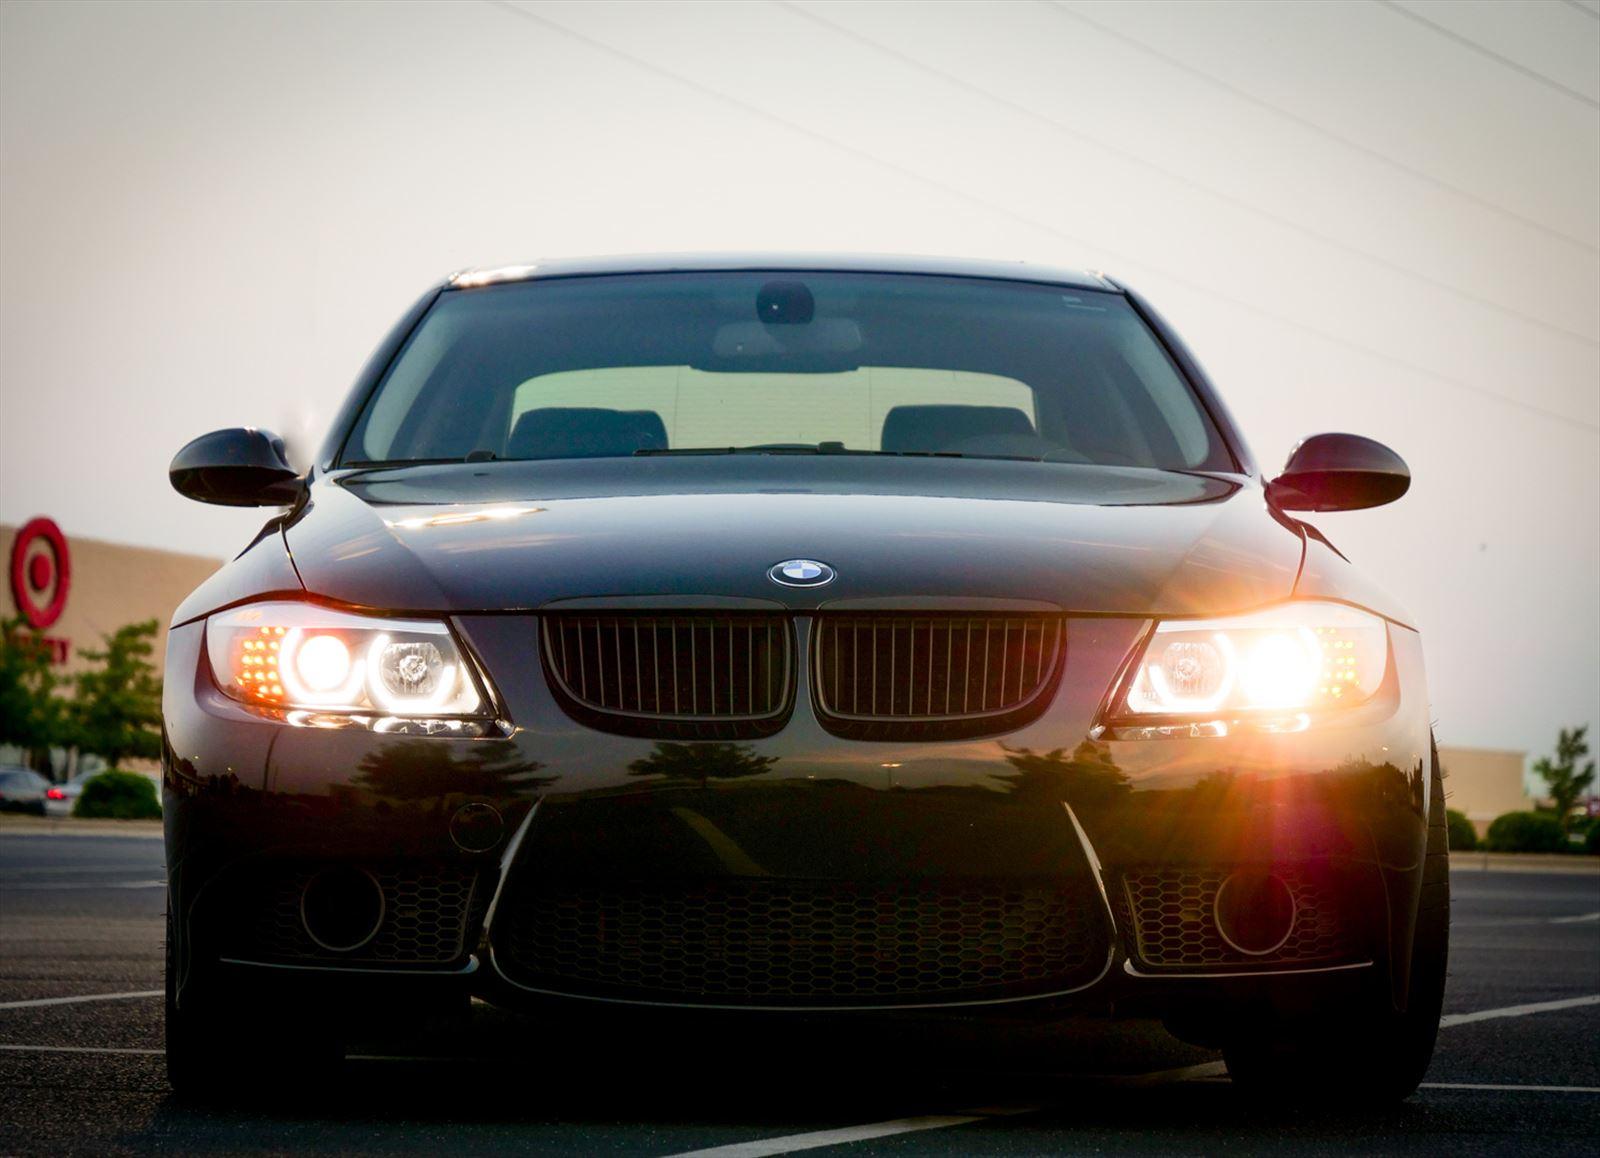 2007 BMW 335i - Photo Gallery Photo